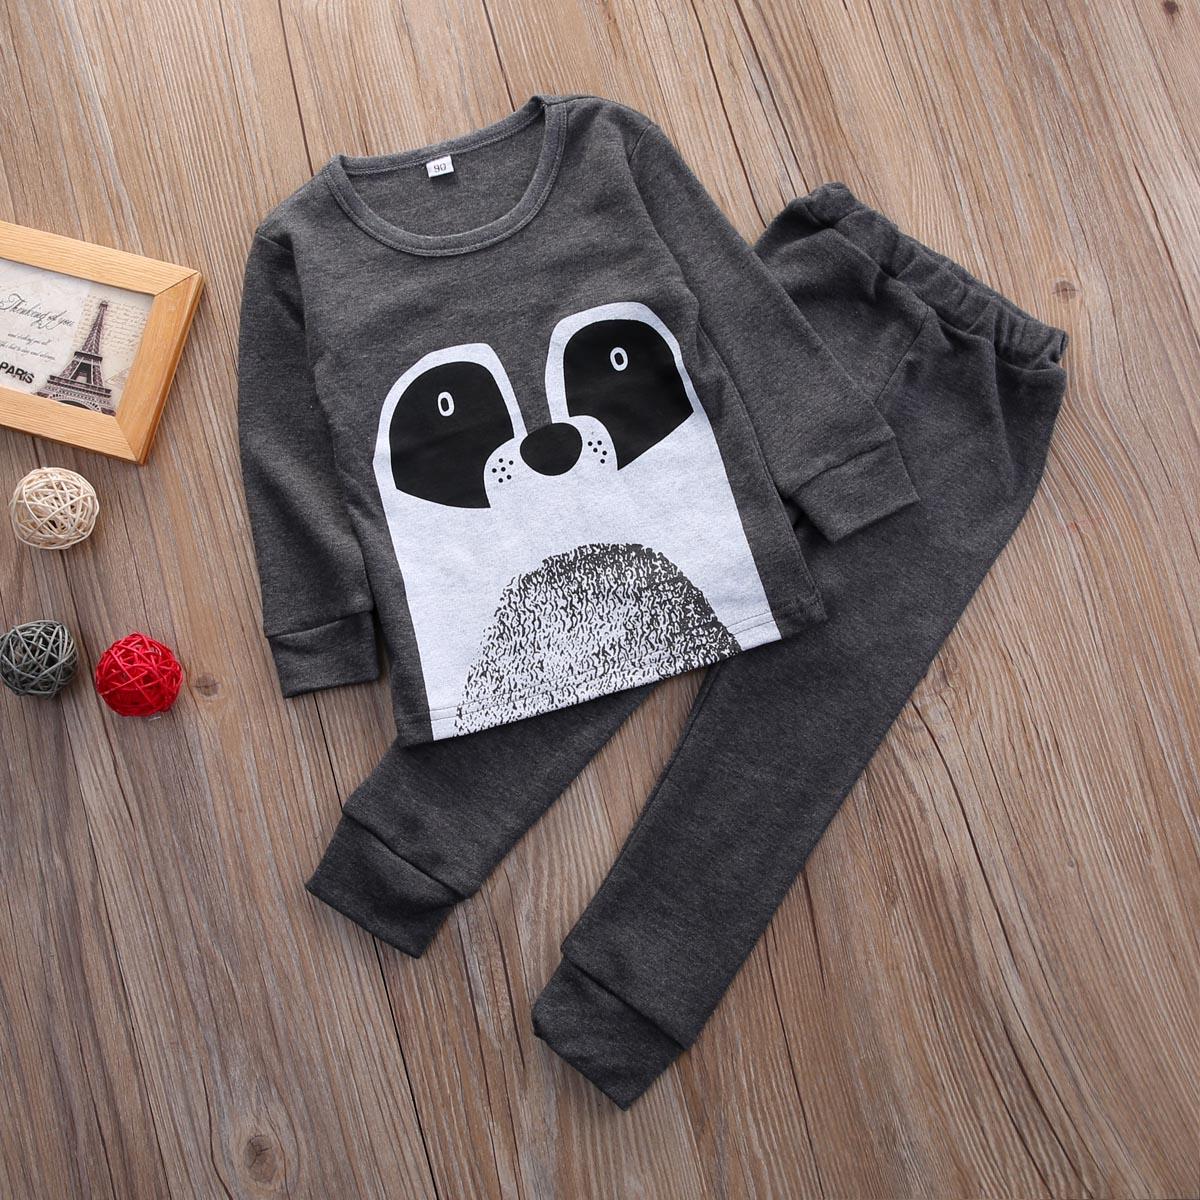 2 Stücke Baumwolle Baby Mädchen Jungen Mode Niedlichen Bär Tops + Hosen Pyjamas Nachtwäsche T-shirt Hosen Pyjamas Gesundheit Effektiv StäRken